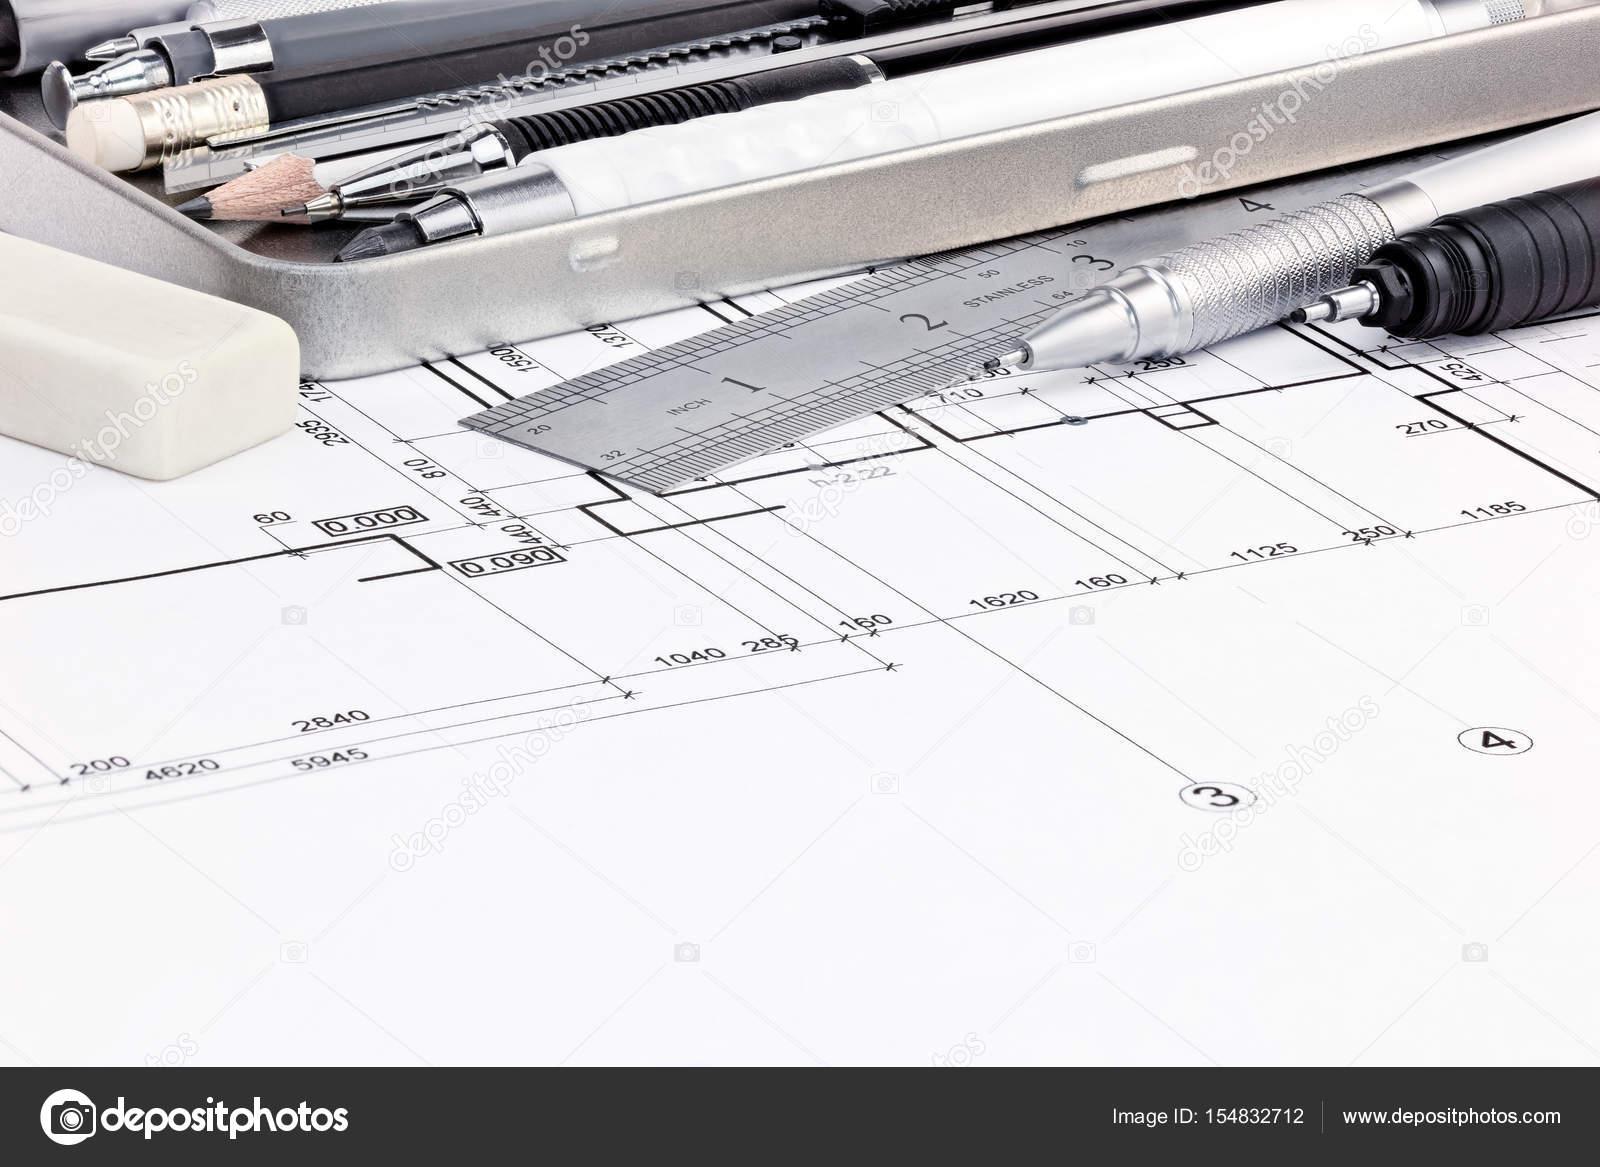 Lineal, Radiergummi und Stifte auf grafische Entwürfe von innen ...